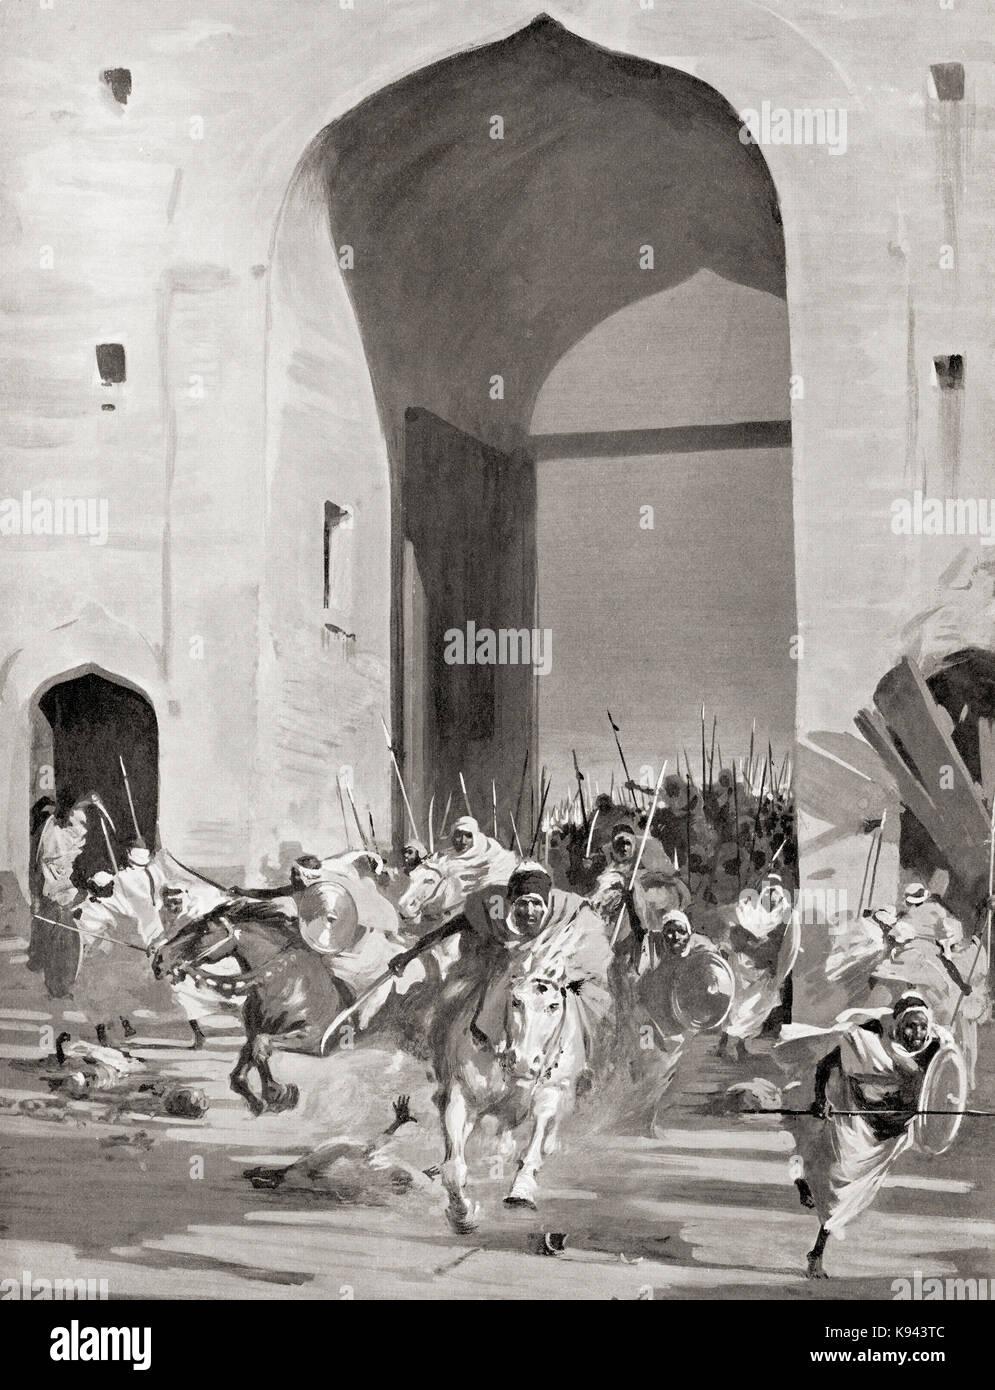 La conquête arabe de la ville fortifiée de Laodicée, alias laodicée de Syrie ou laodicée Photo Stock